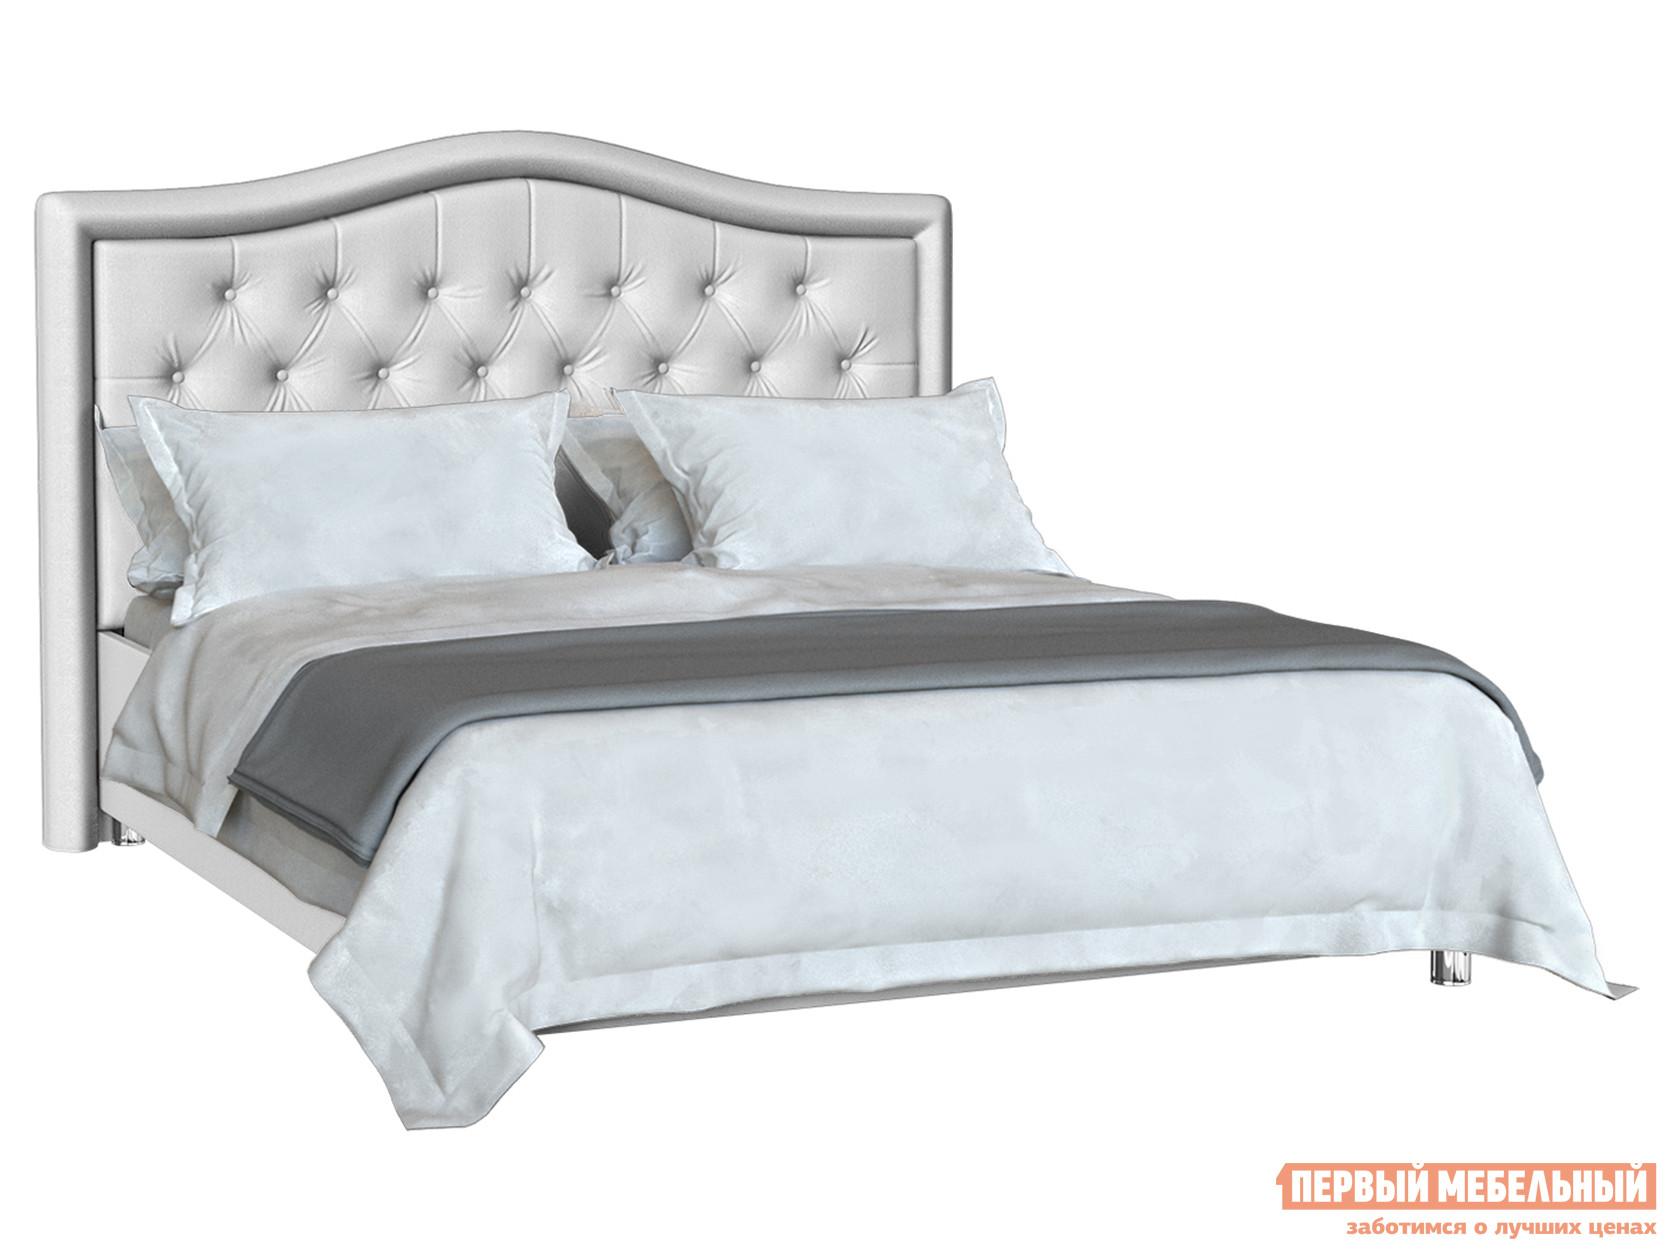 Двуспальная кровать Первый Мебельный Кровать Анкона с ортопедическим основанием